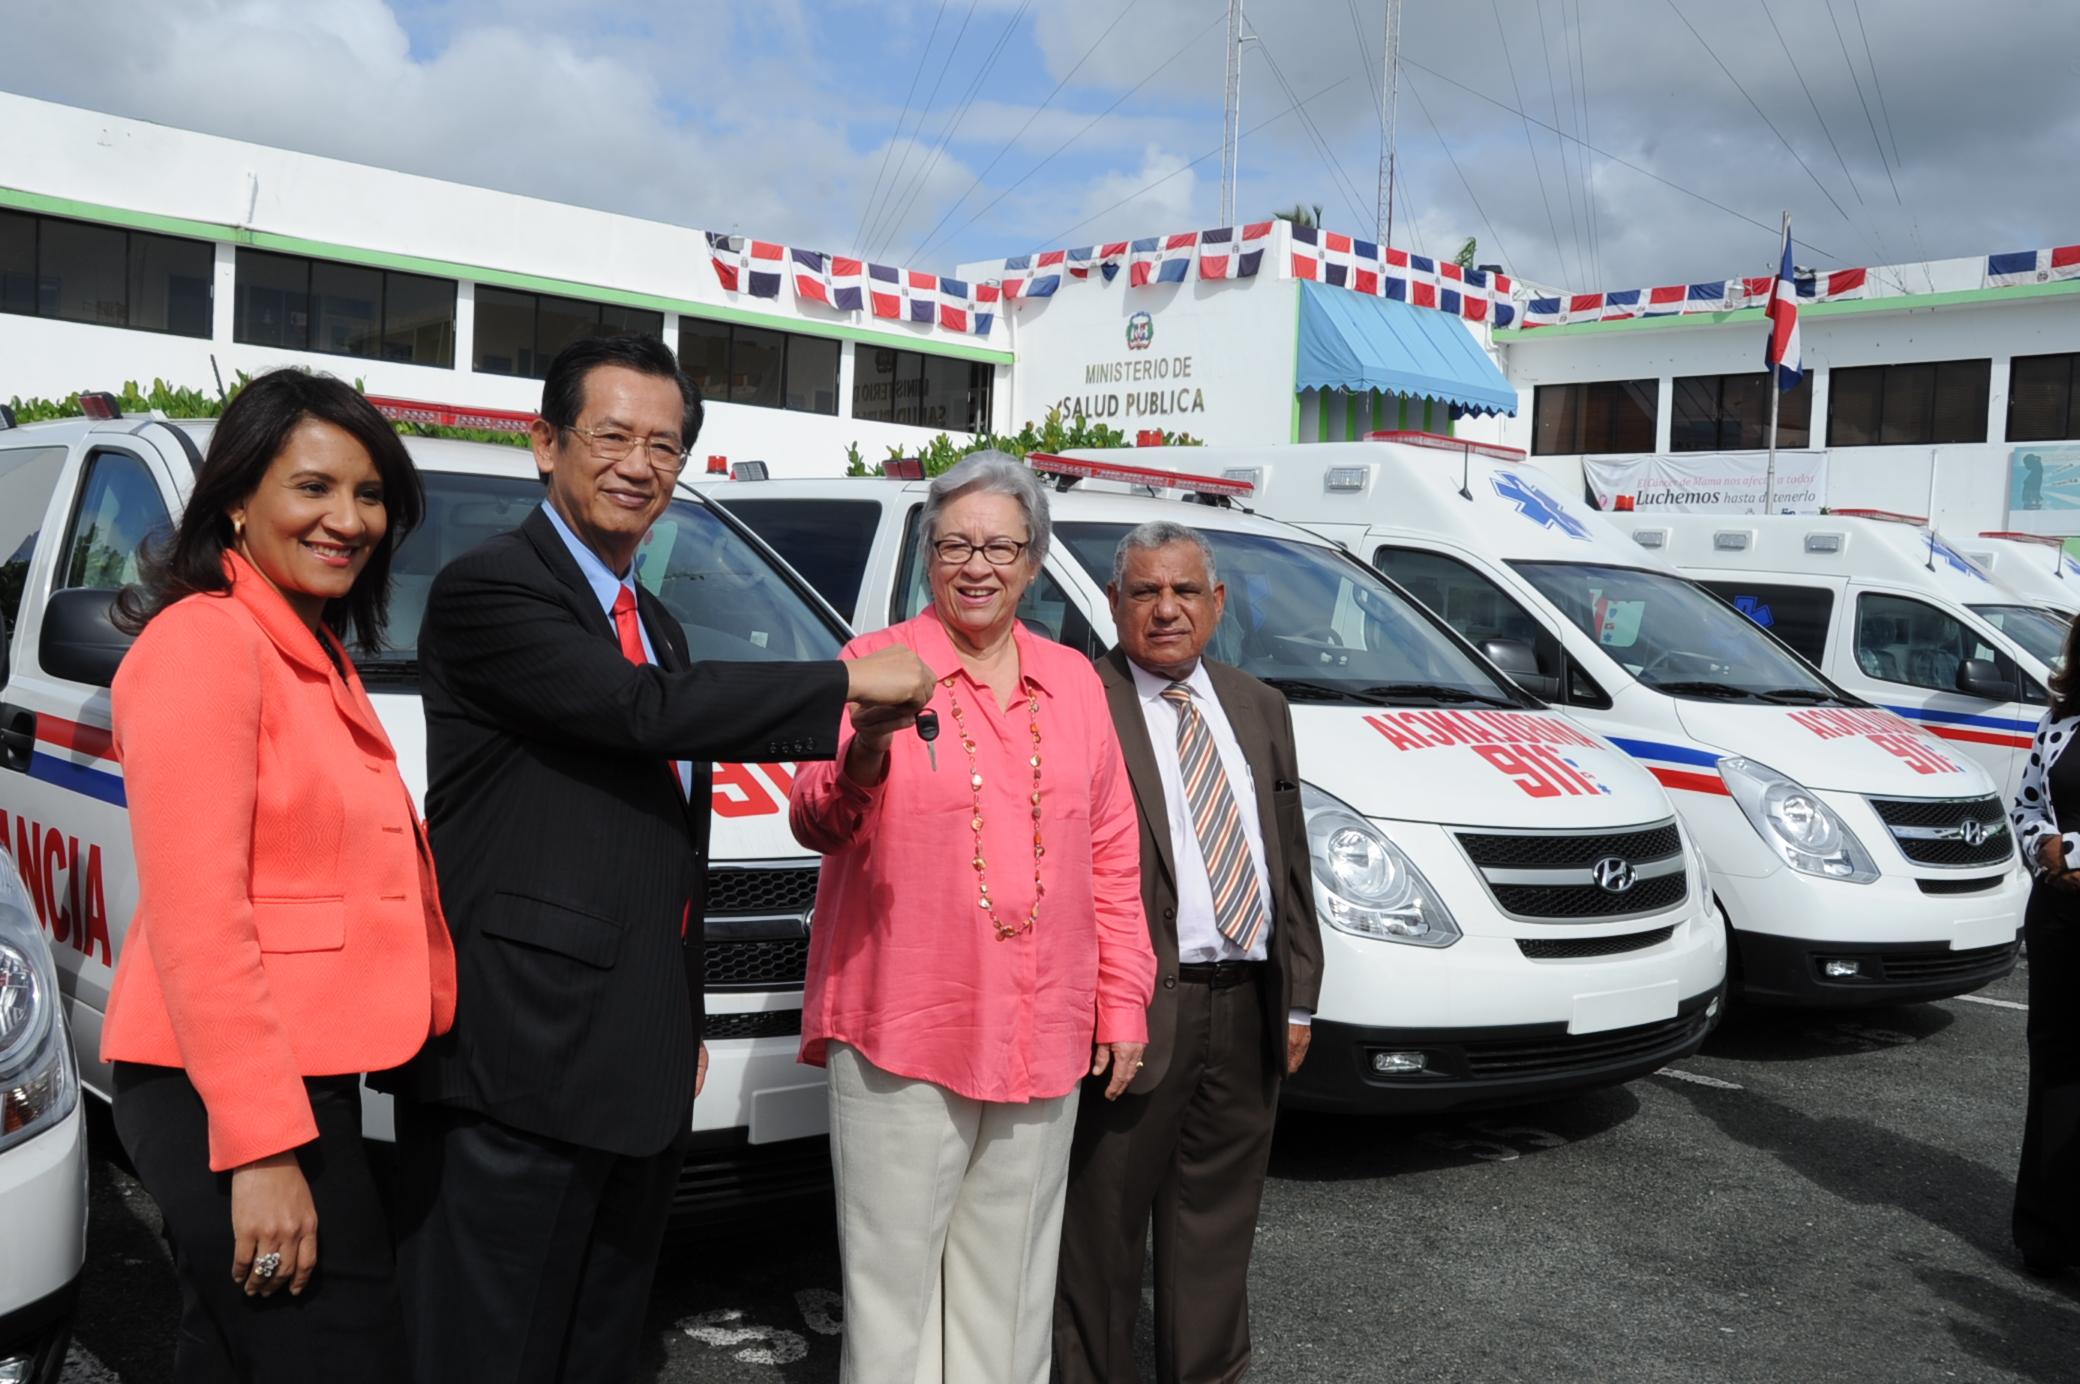 Taiwán dona 80 ambulancias al Ministerio de Salud Pública para ser utilizadas en el sistema 9-1-1